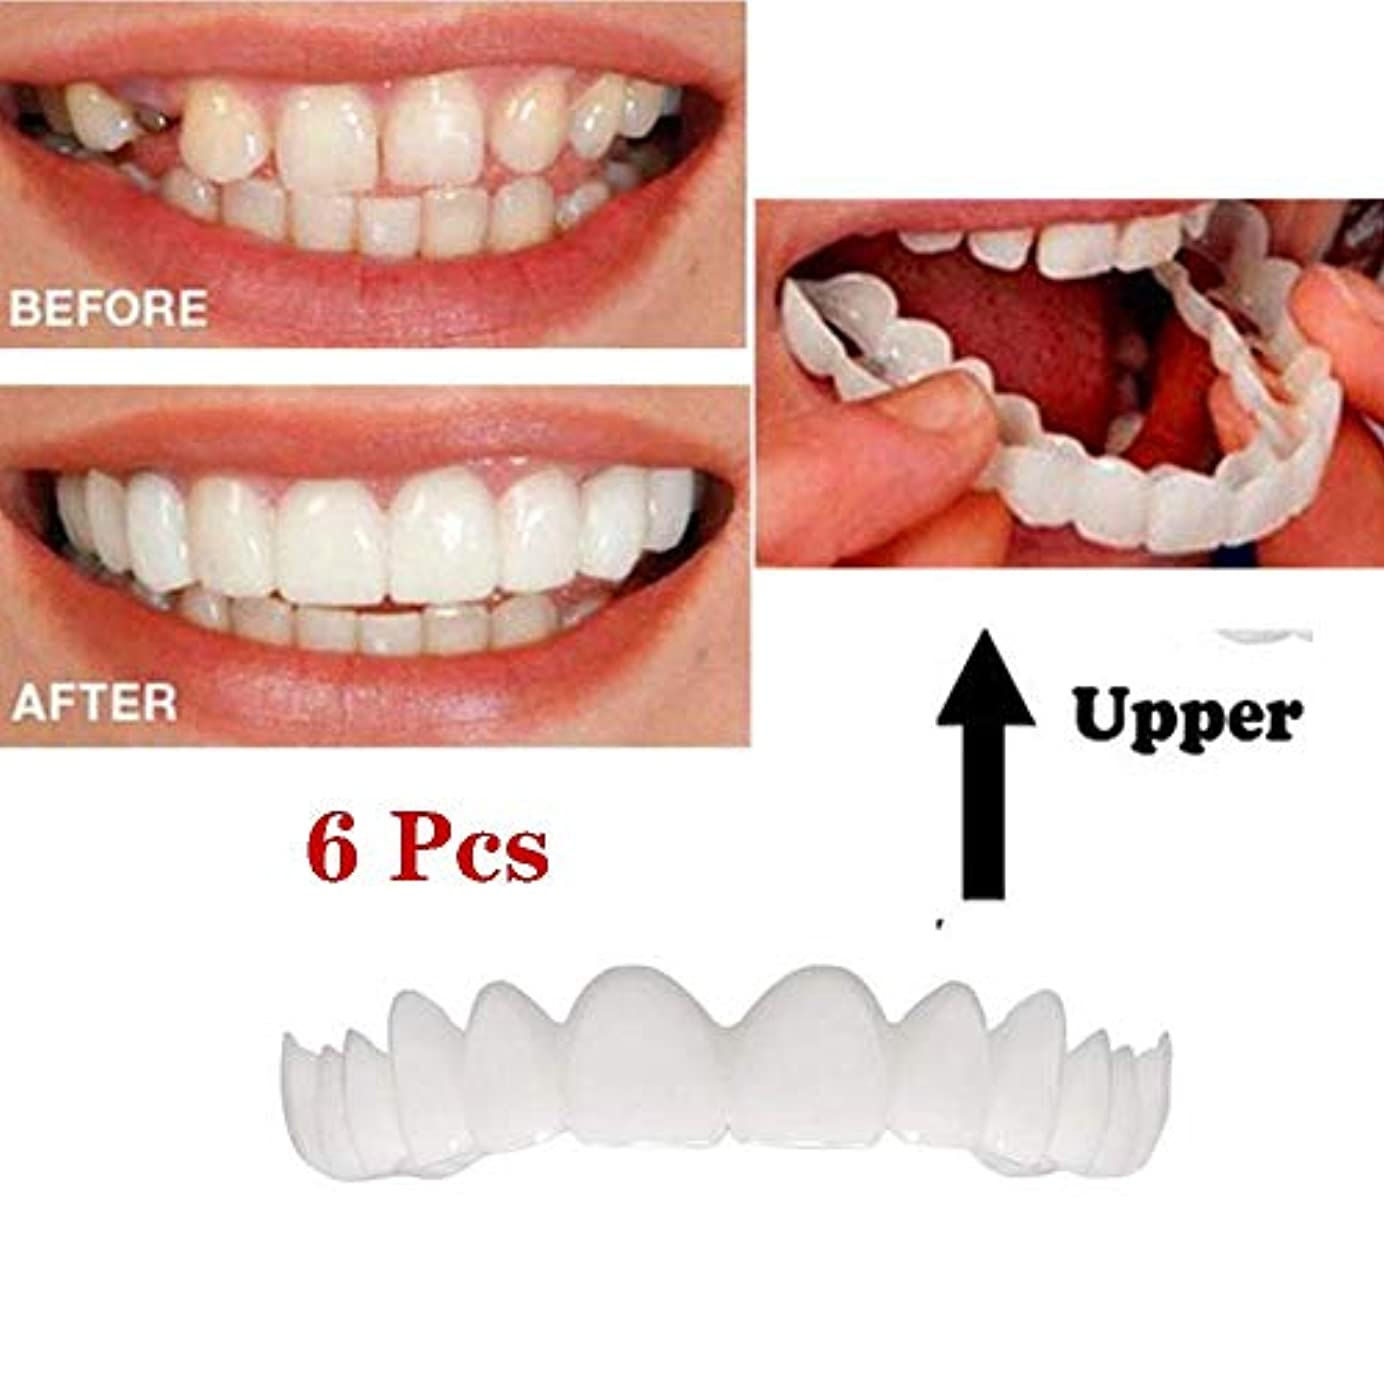 ながら拍車志す6個シリコーン偽の歯偽歯カバーホワイトニング義歯オーラルケア歯ホワイトニングデンタルオーラルケアアッパーブレース仮化粧品歯義歯